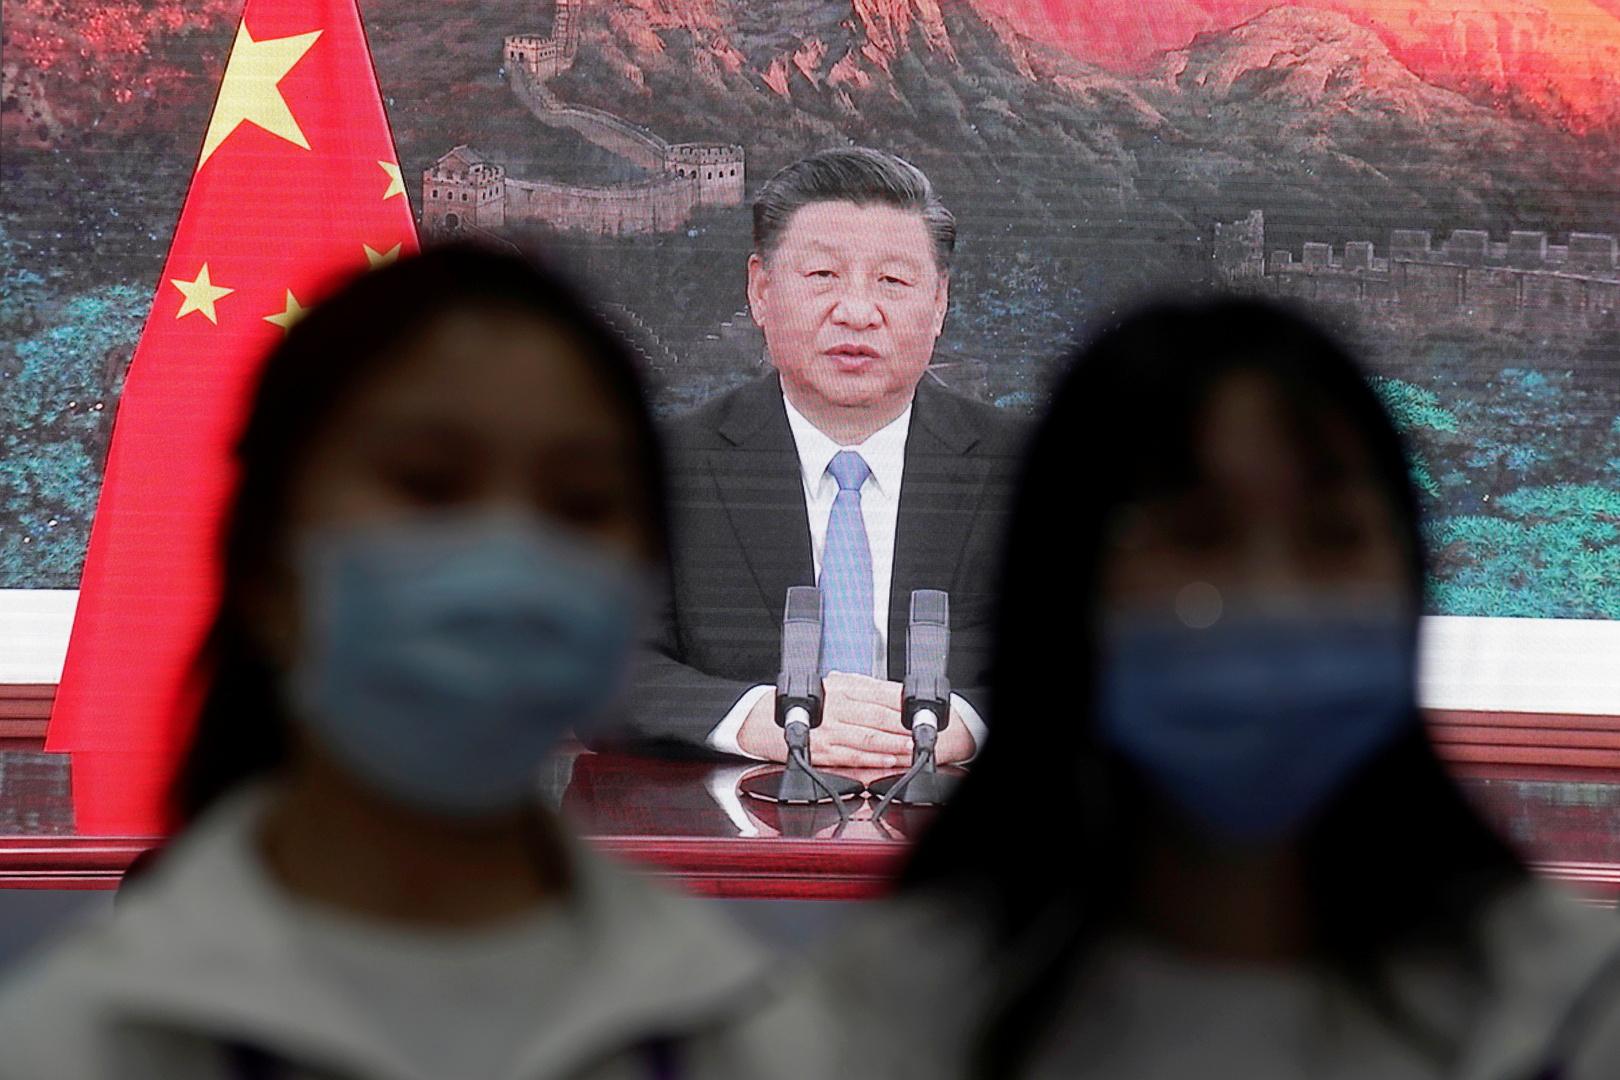 الرئيس الصيني يعلن انتصار بلاده نهائيا على الفقر المدقع